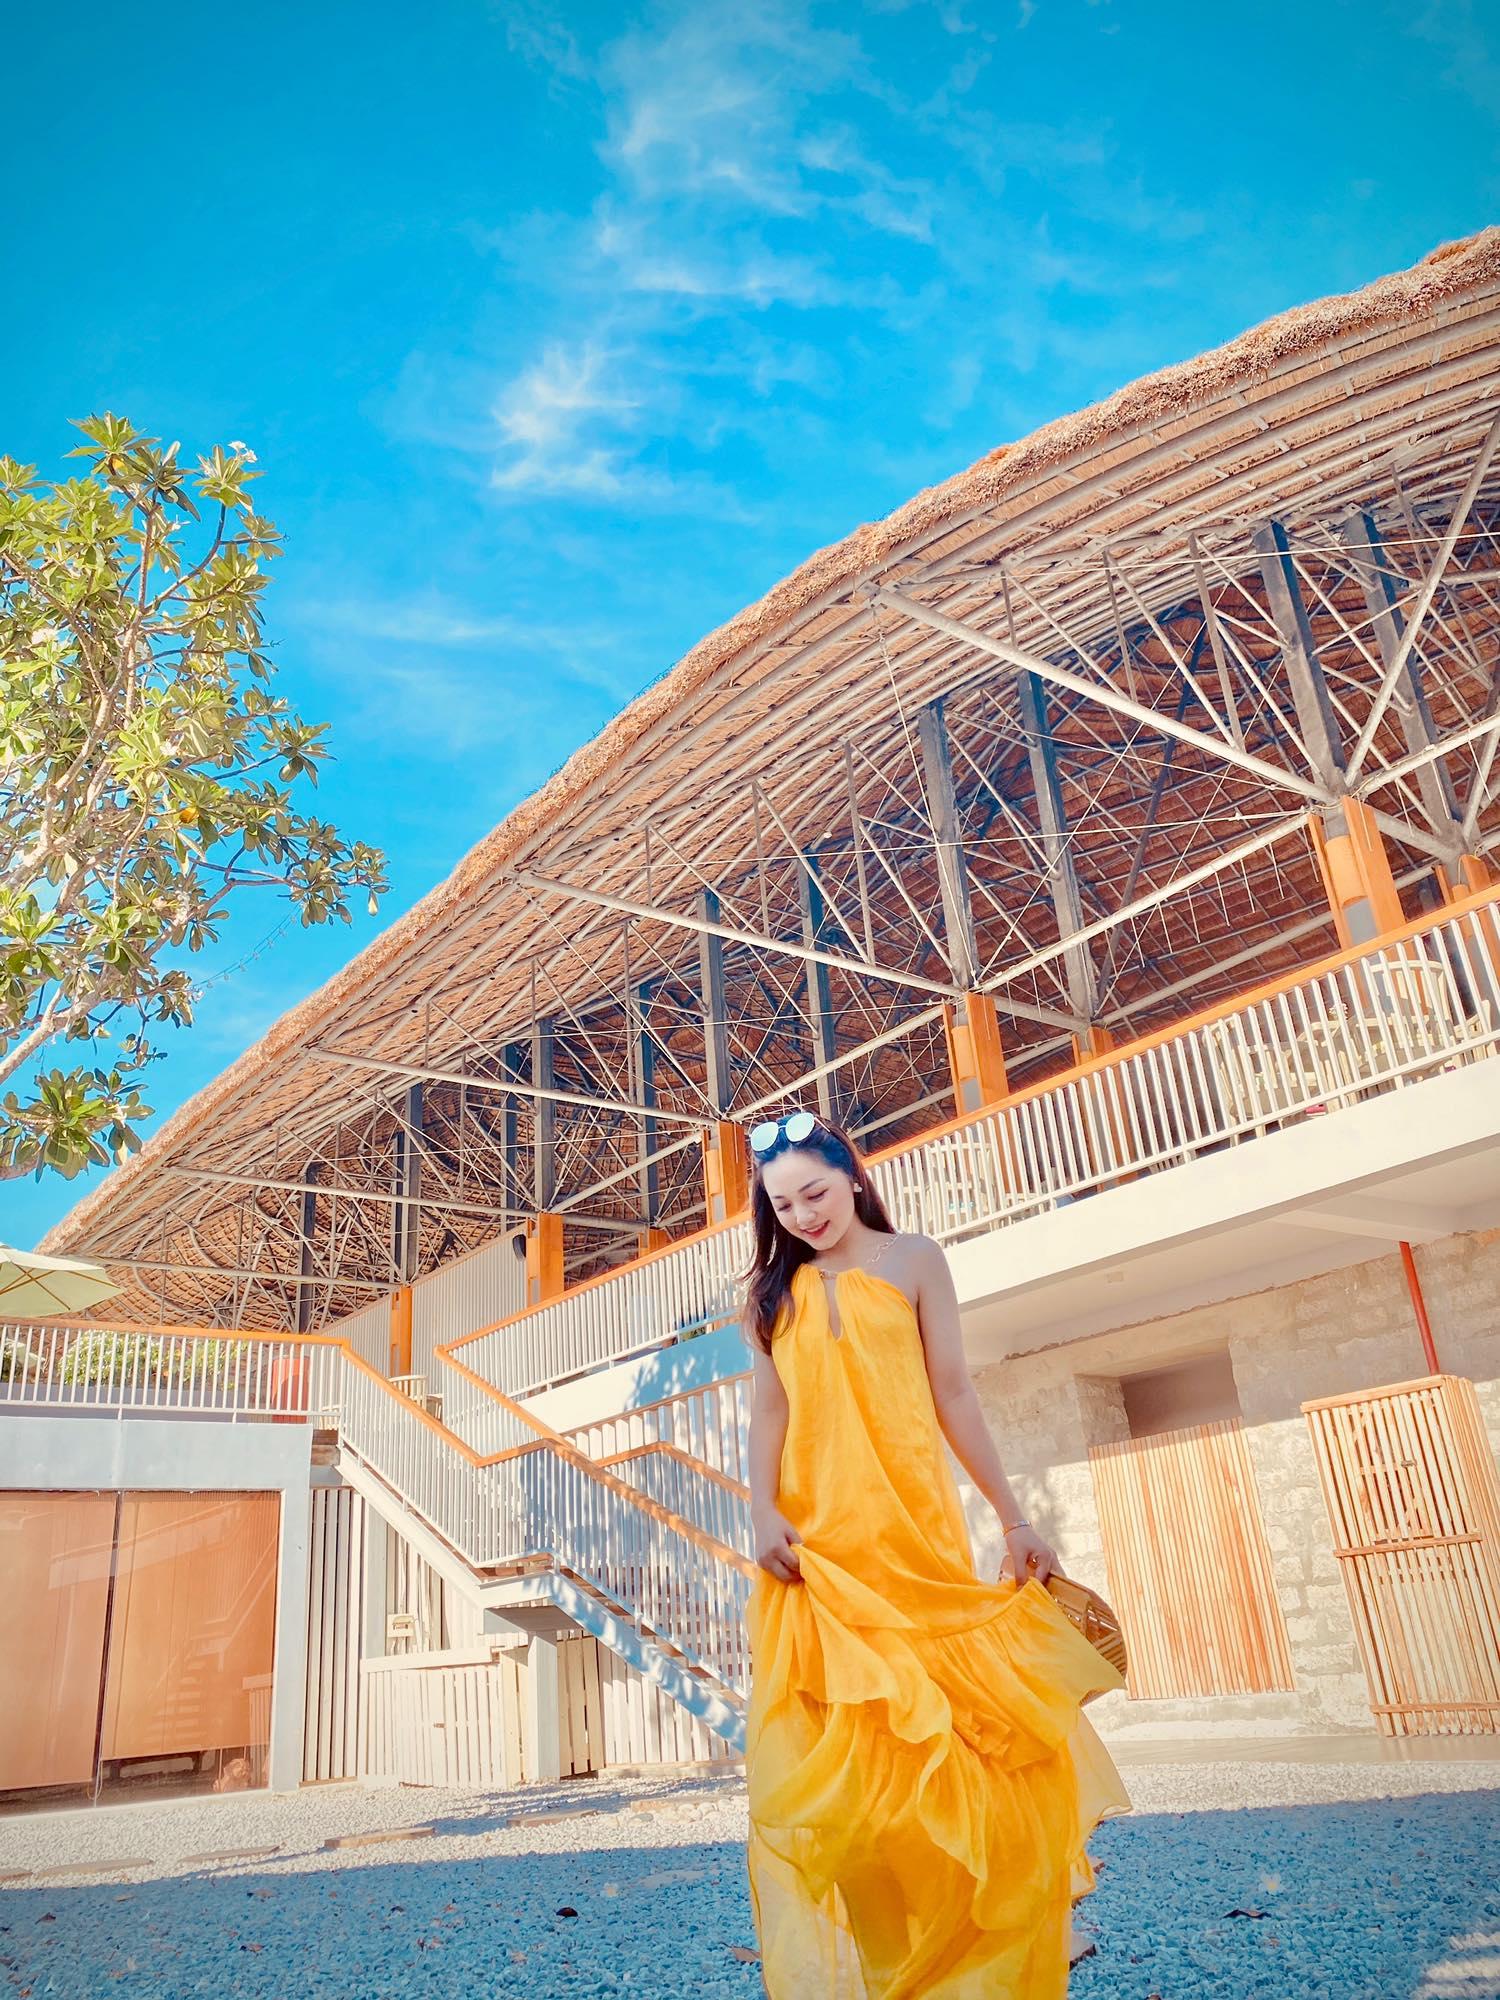 Tour du lịch Quy Nhơn từ Hà Nội: Du ngoạn 'Maldives của Việt Nam' với giá chỉ từ 650.000 đồng - Ảnh 19.